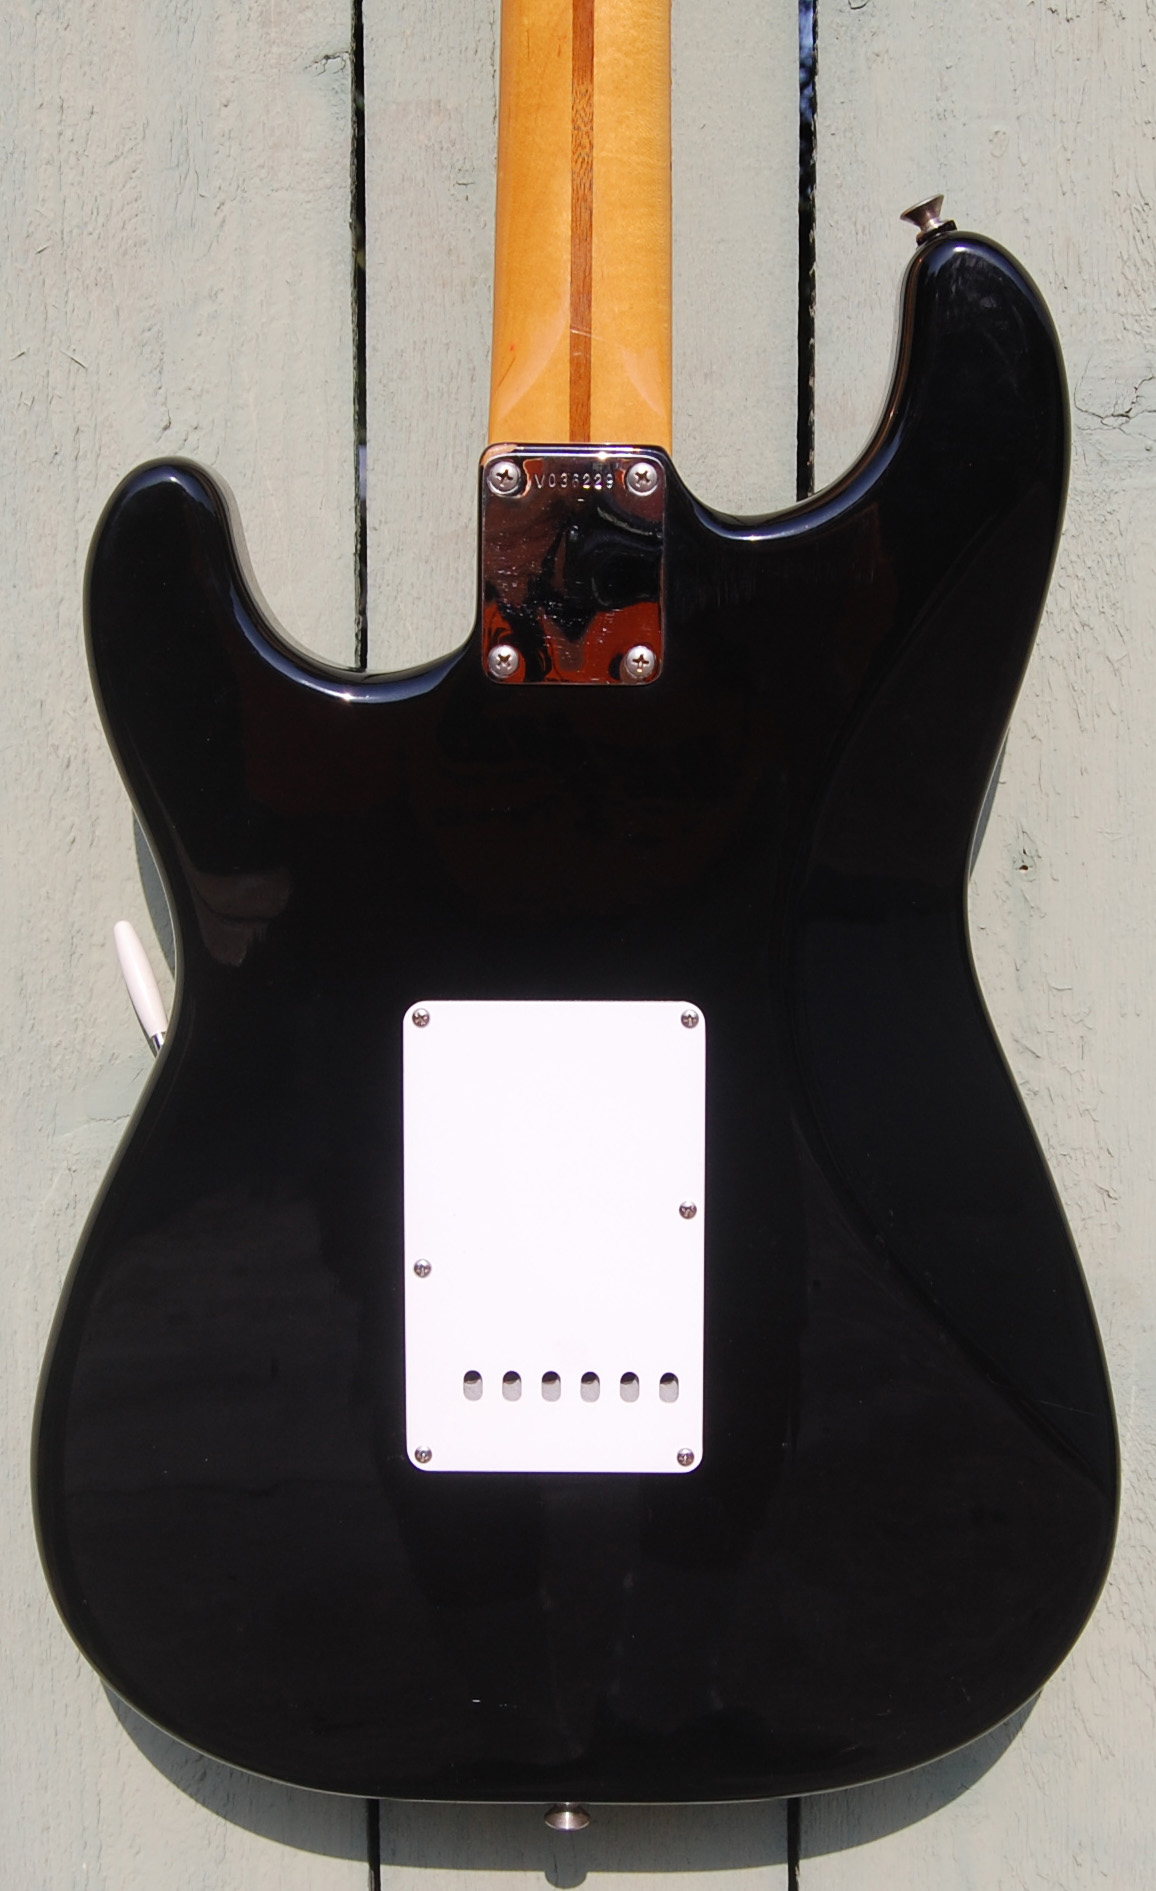 1988 57 black back cu